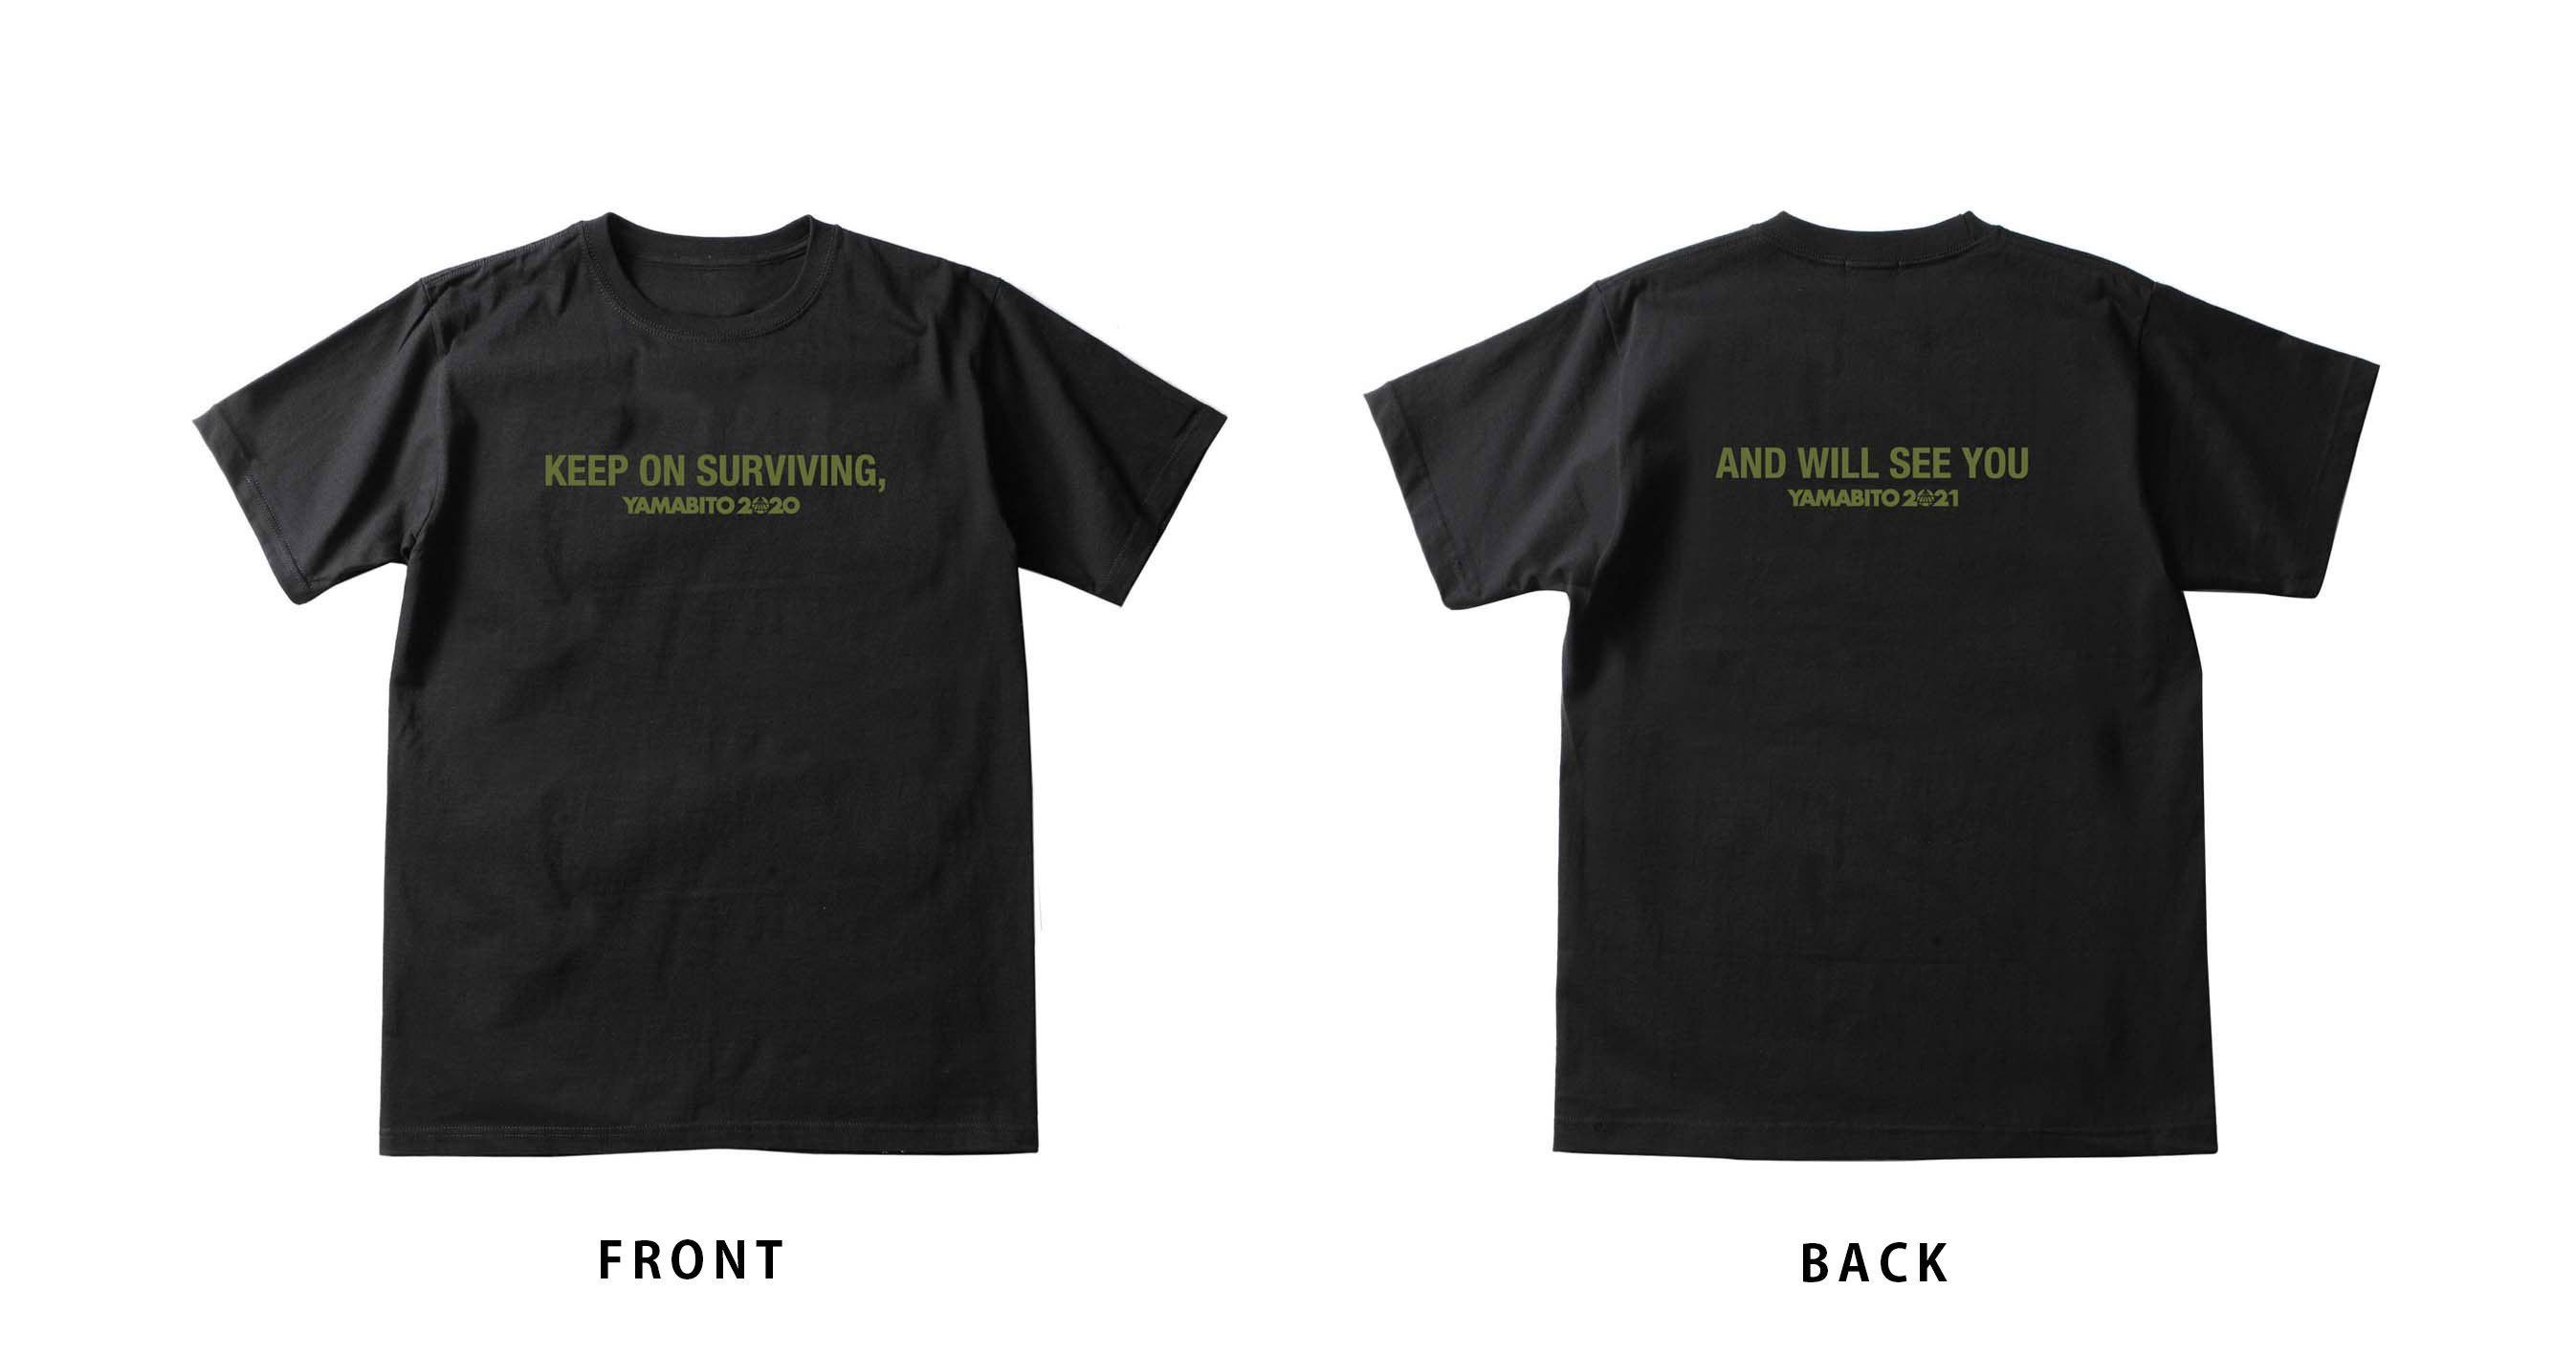 山人サバイブTシャツ(黒)